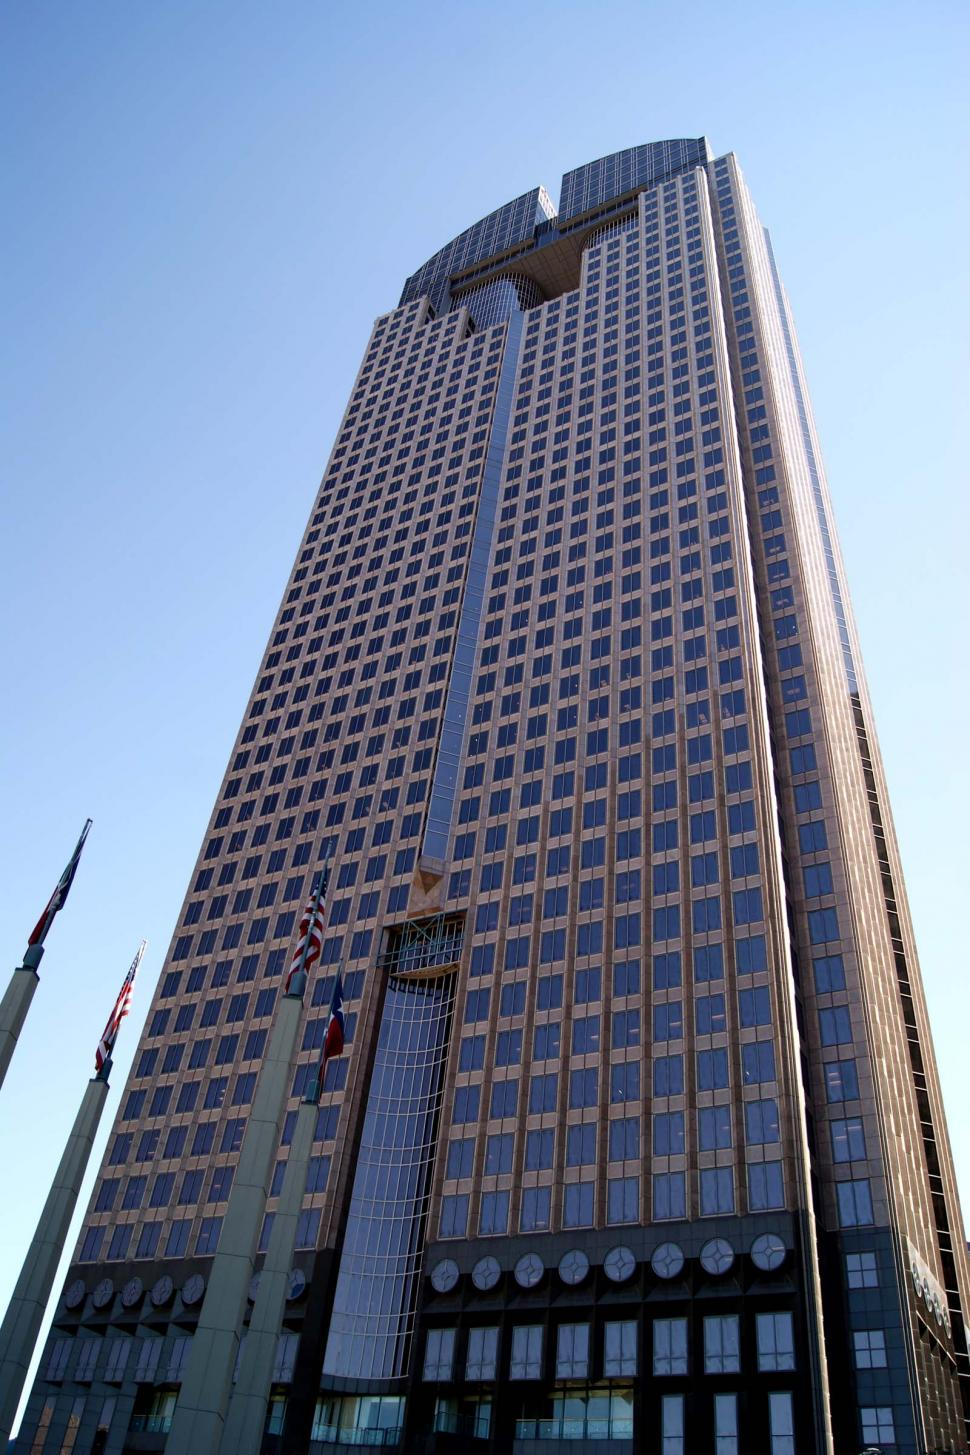 Download Free Stock Photo of Skyscraper in Dallas Texas